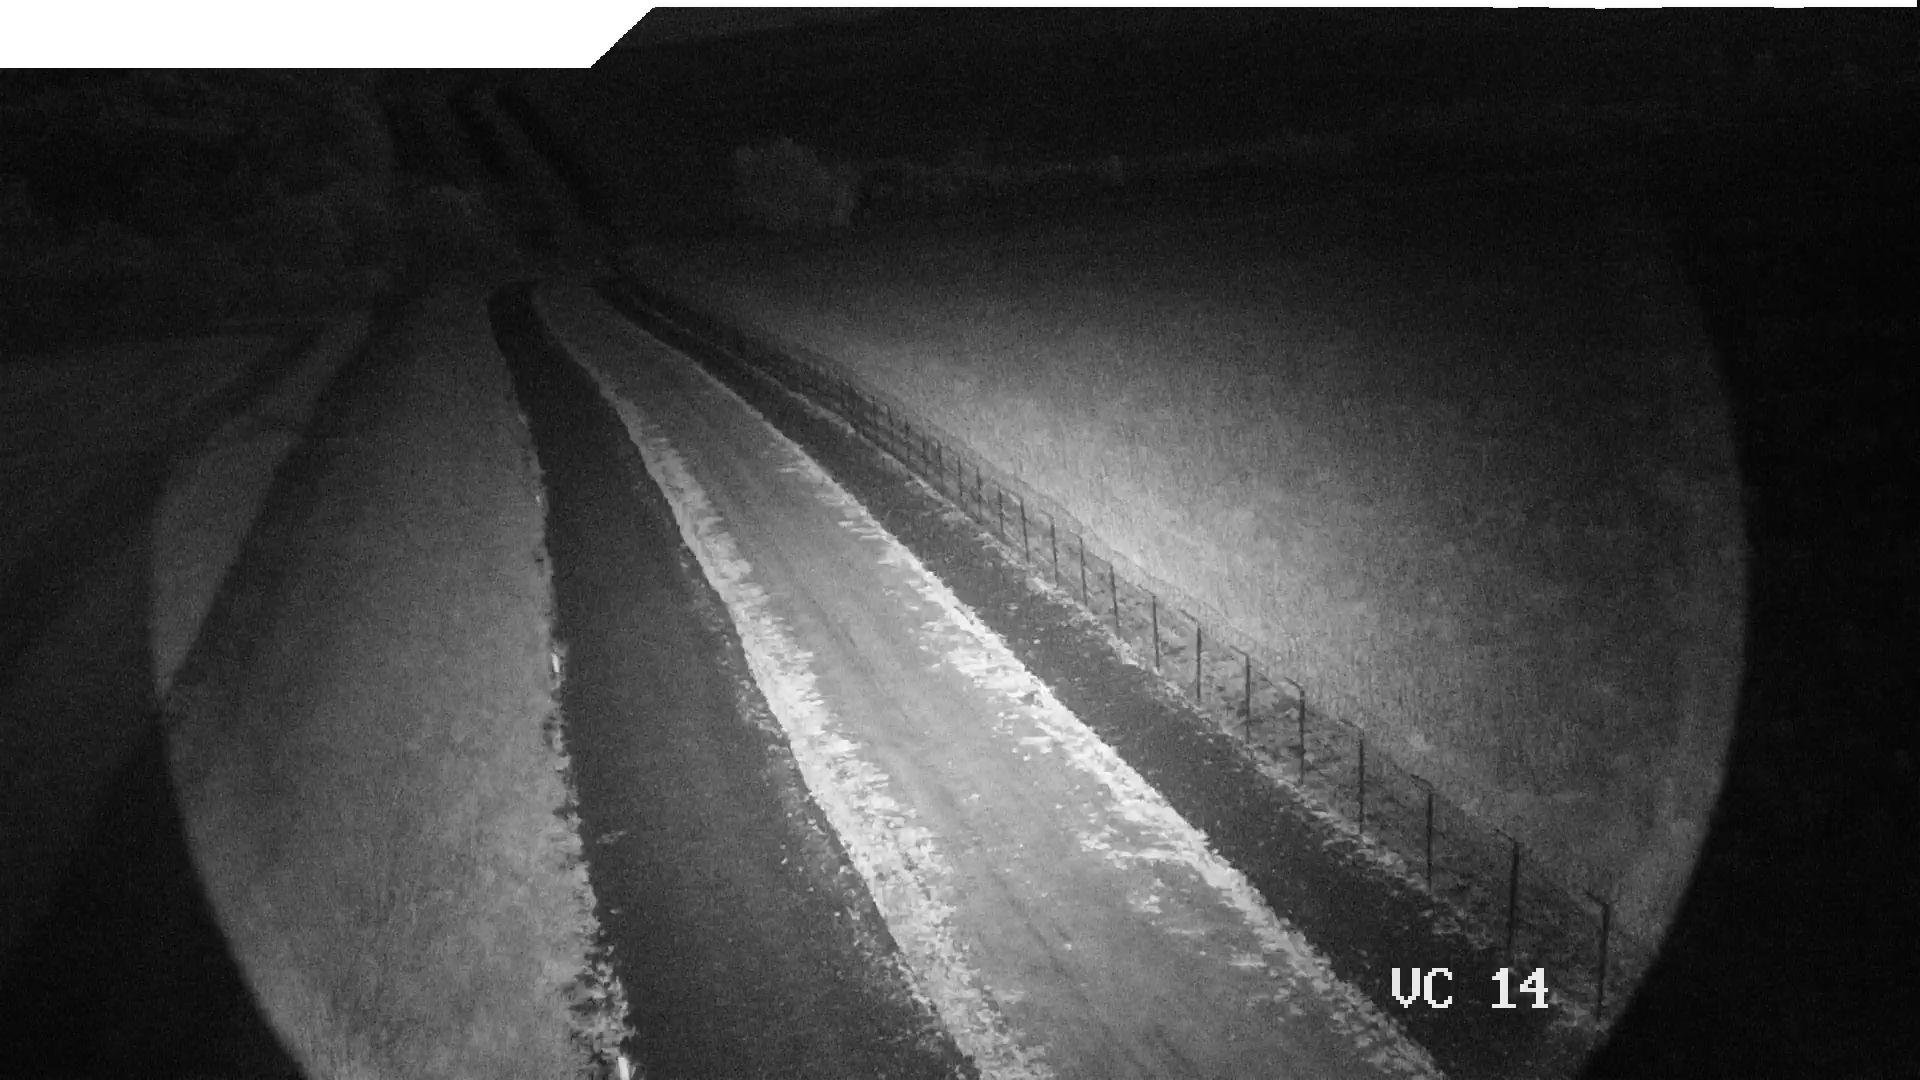 Чорно-біле зображення з лазерною інфрачервоною підсвіткою вночі з систем відеоспостереження